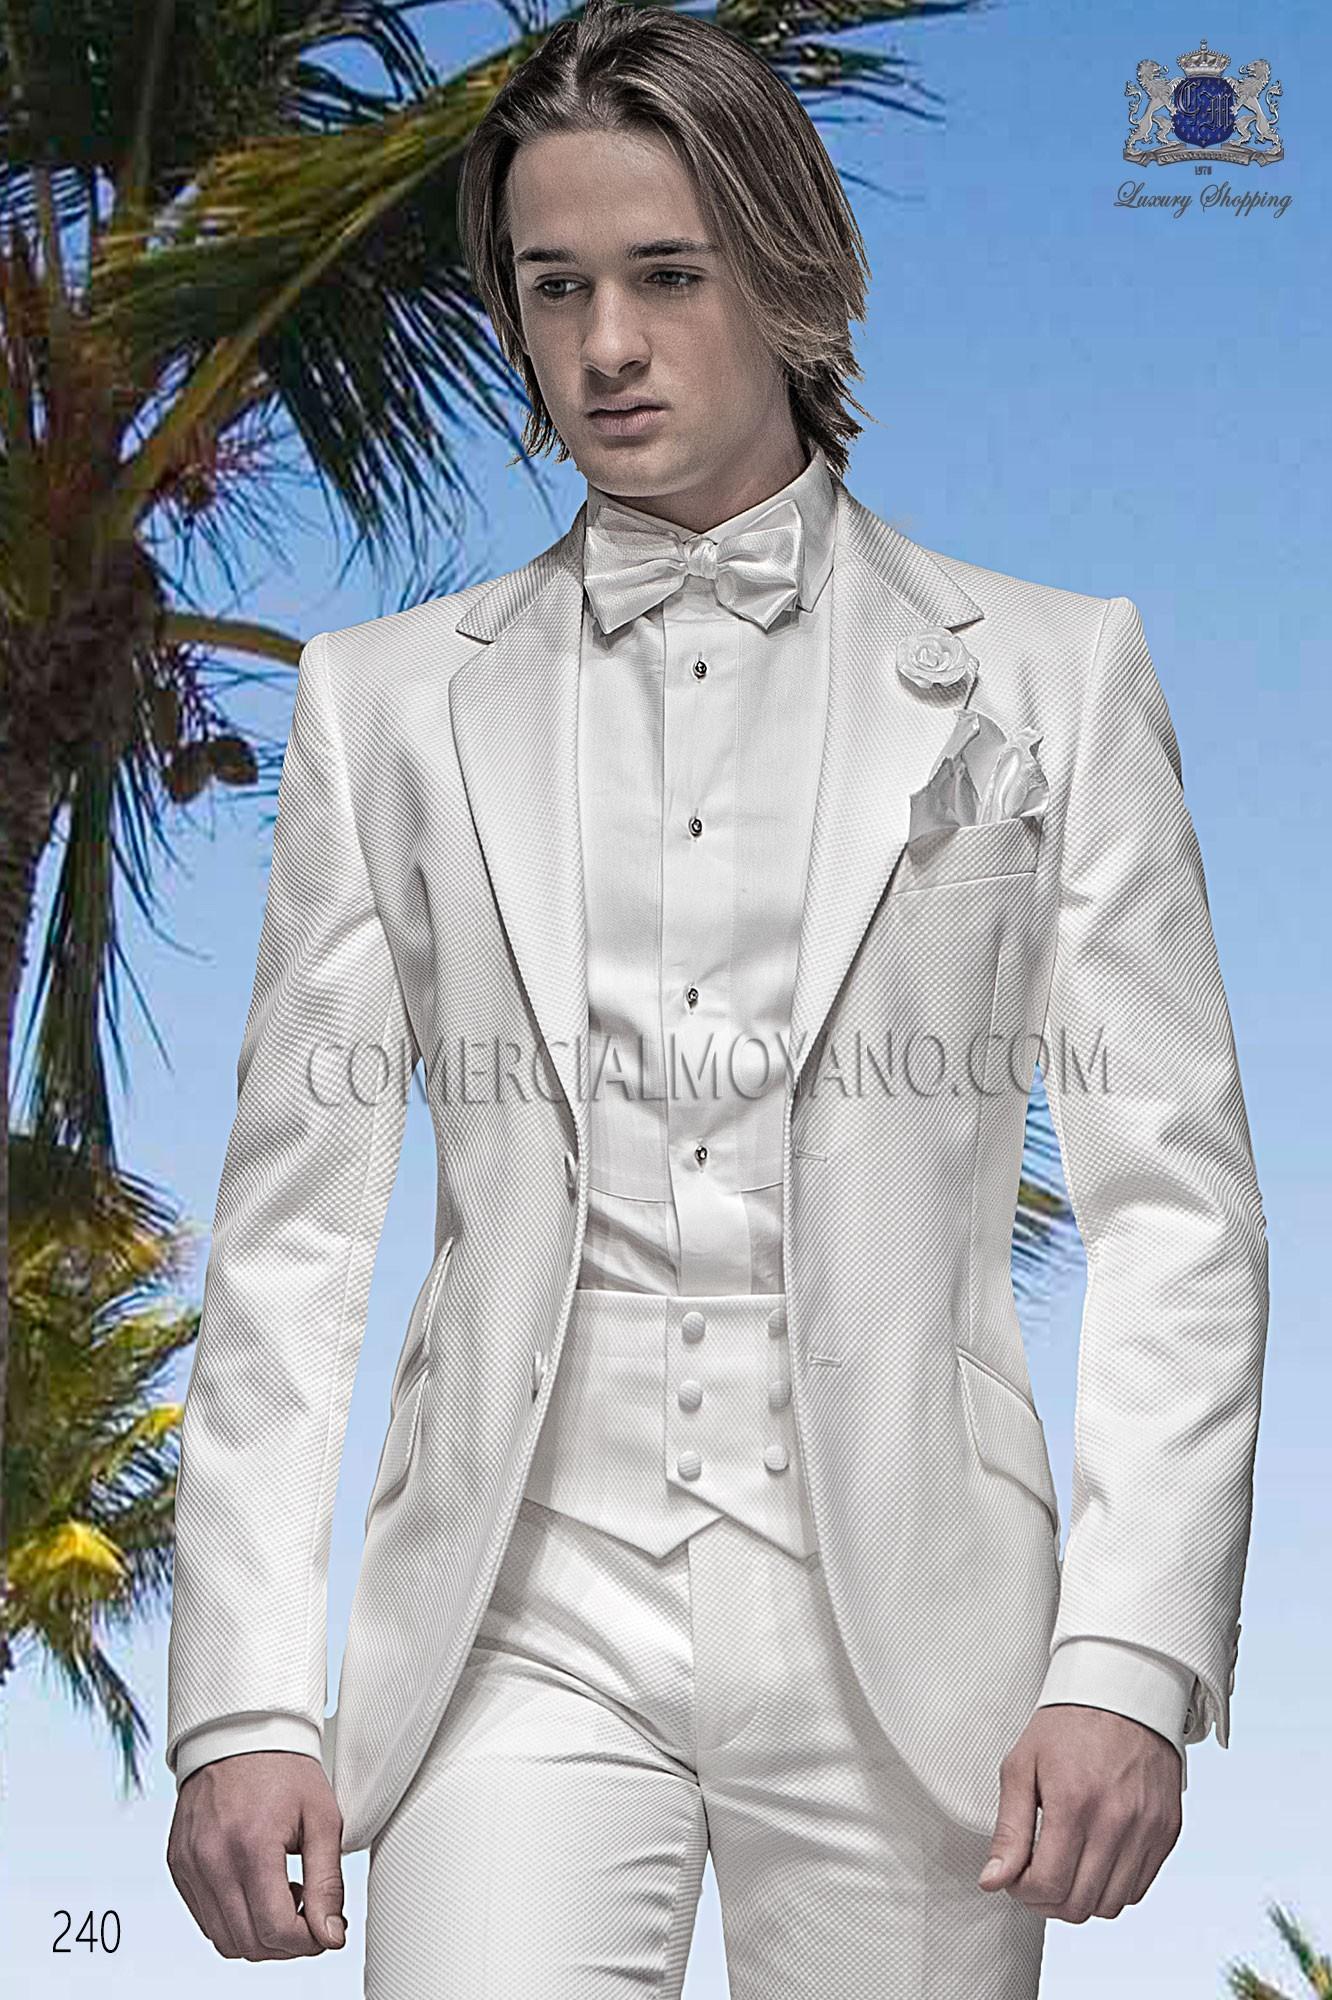 Traje Hipster de novio blanco modelo: 240 Ottavio Nuccio Gala colección Hipster